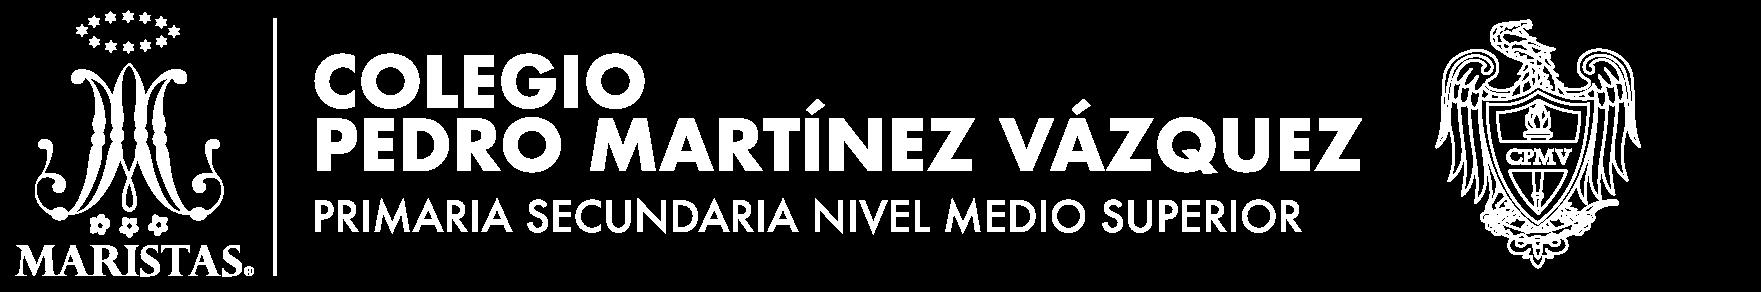 Colegio Pedro Martínez Vázquez